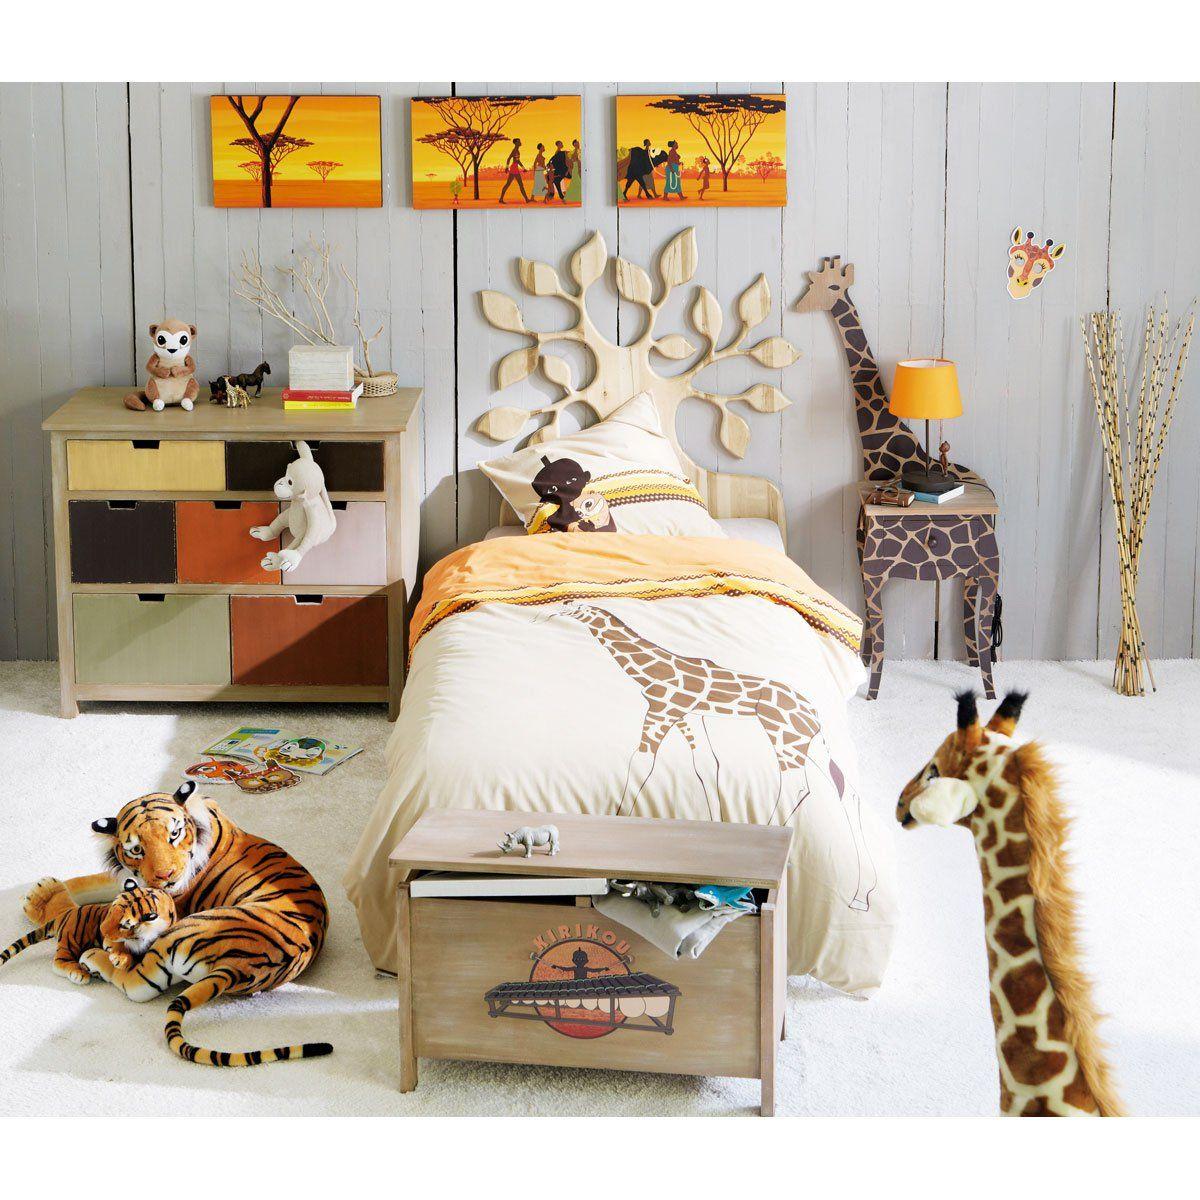 parure de lit enfant garcon latest linge de lit ado con parure lit personnes ado e deco chambre. Black Bedroom Furniture Sets. Home Design Ideas